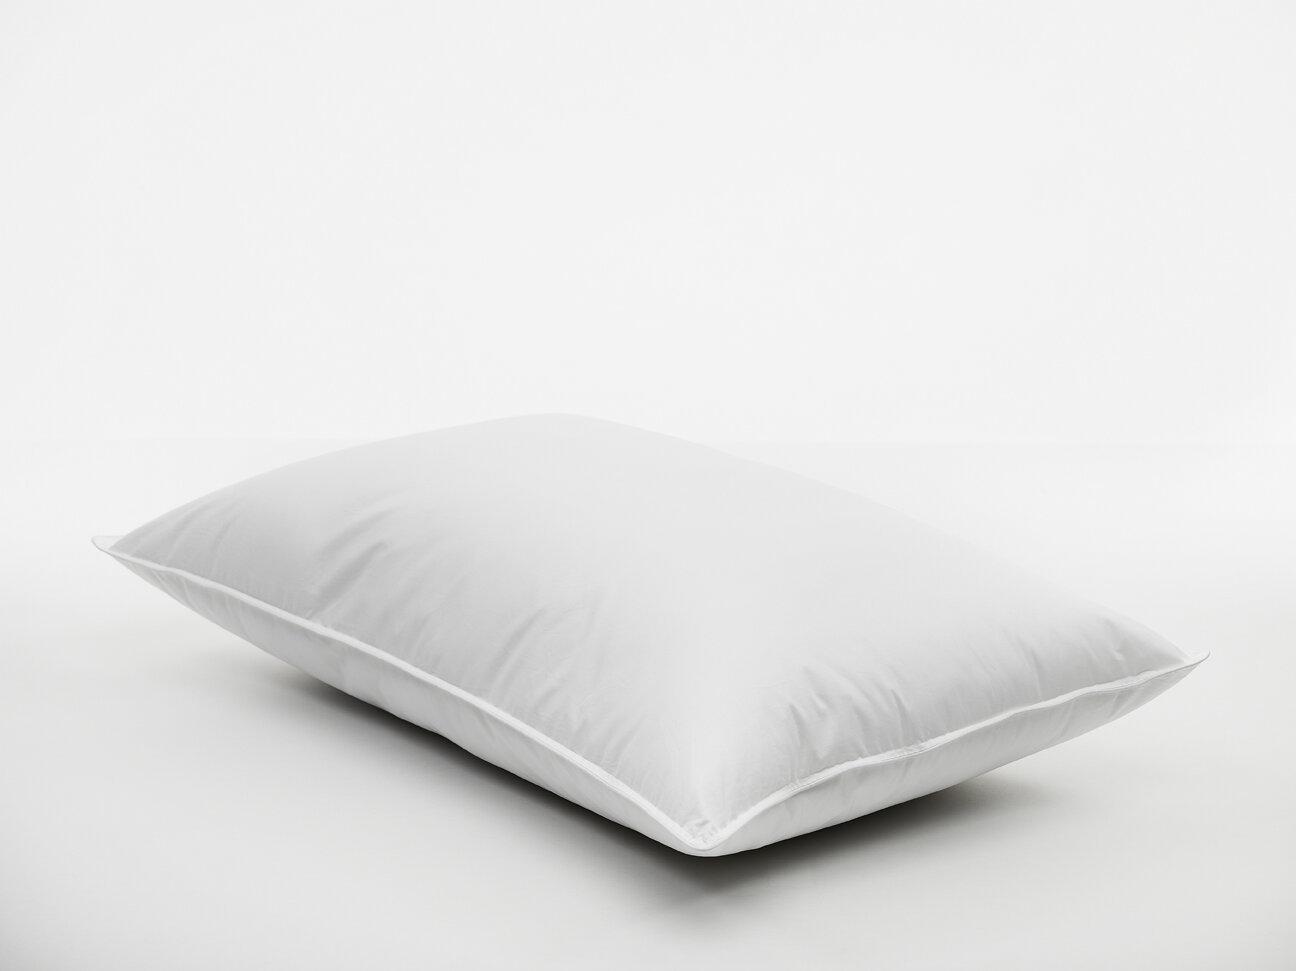 Pillow-DSP_004.jpg